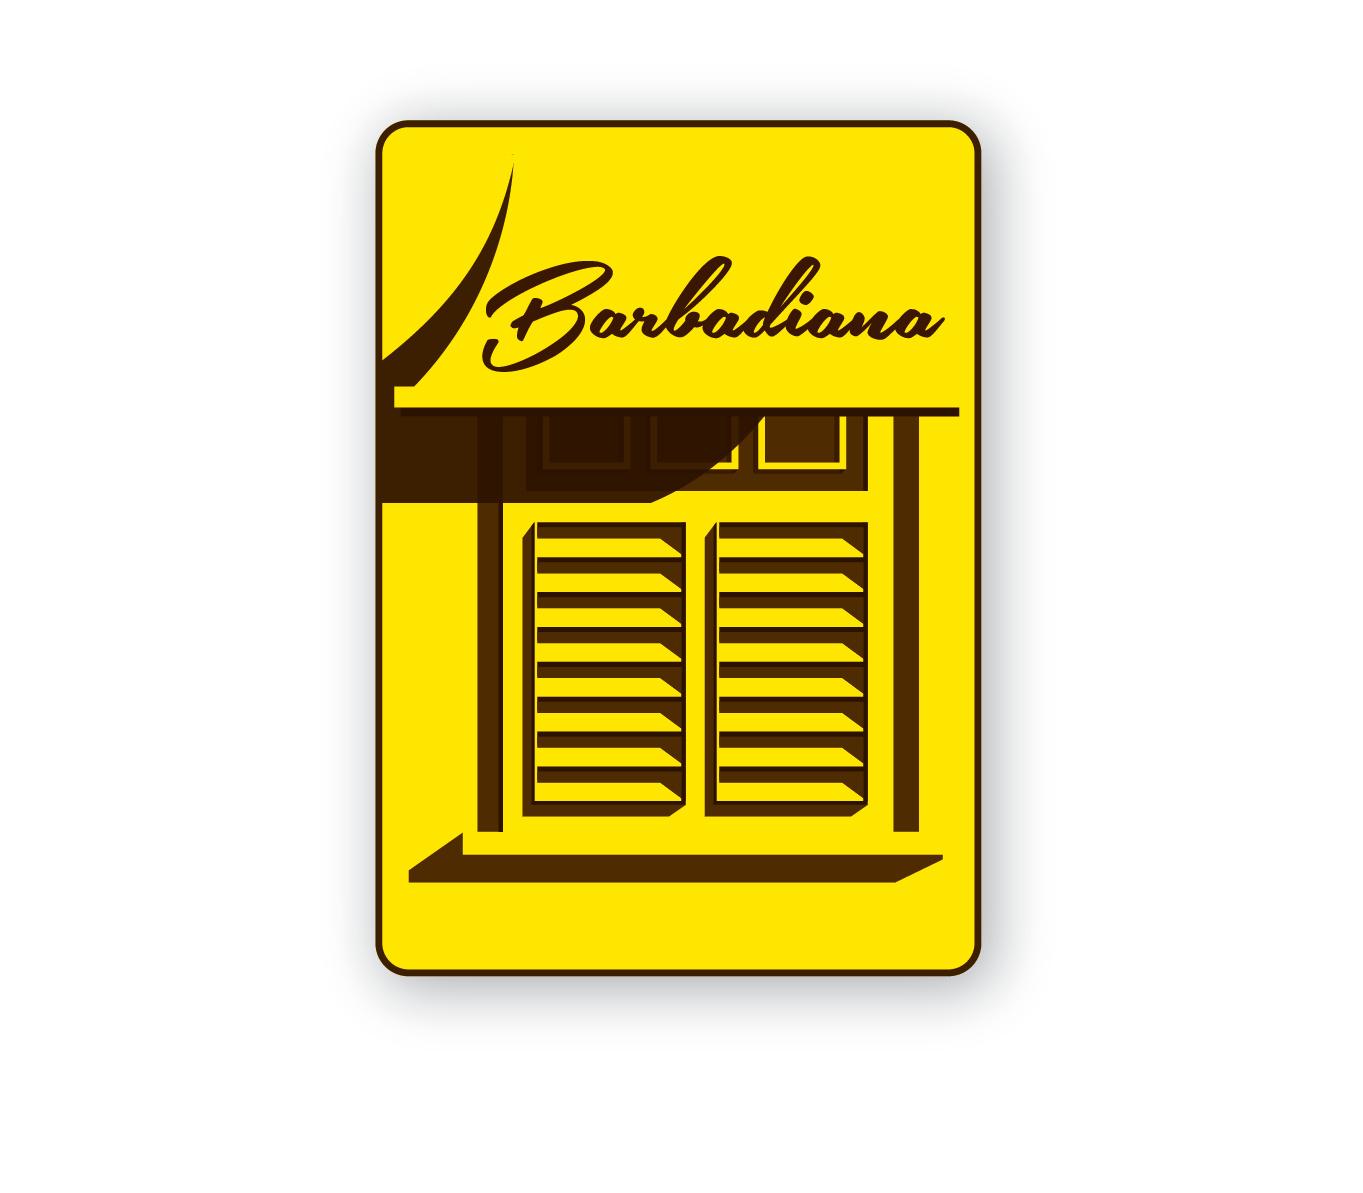 Barbadiana Logo